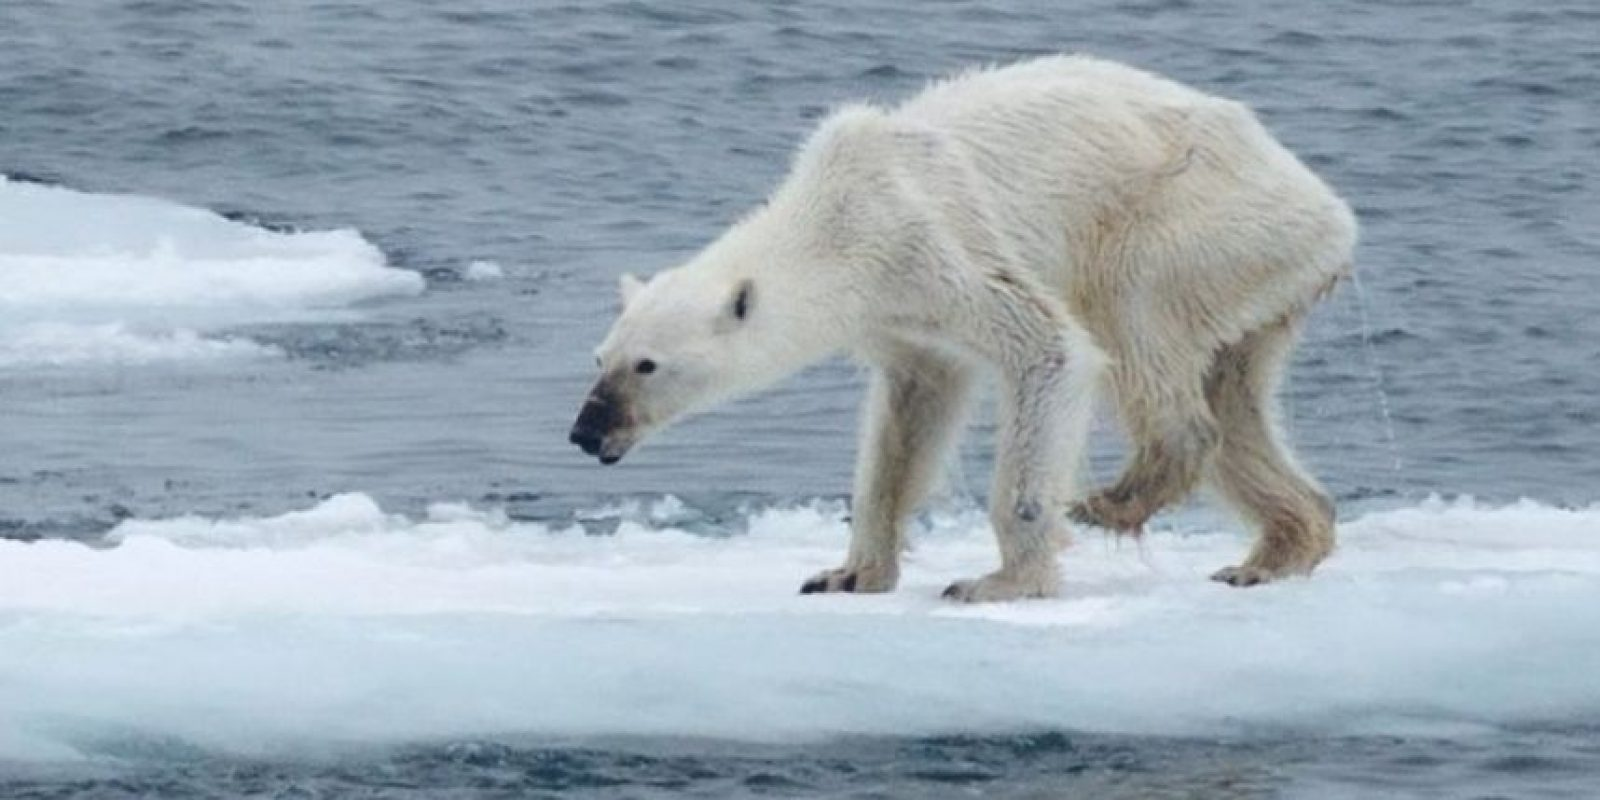 A medida que estas especies tienen que moverse para encontrar su propio alimento, los osos polares tienen menos para vivir. Foto:Vía Facebook/kerstin.langenberger.photography